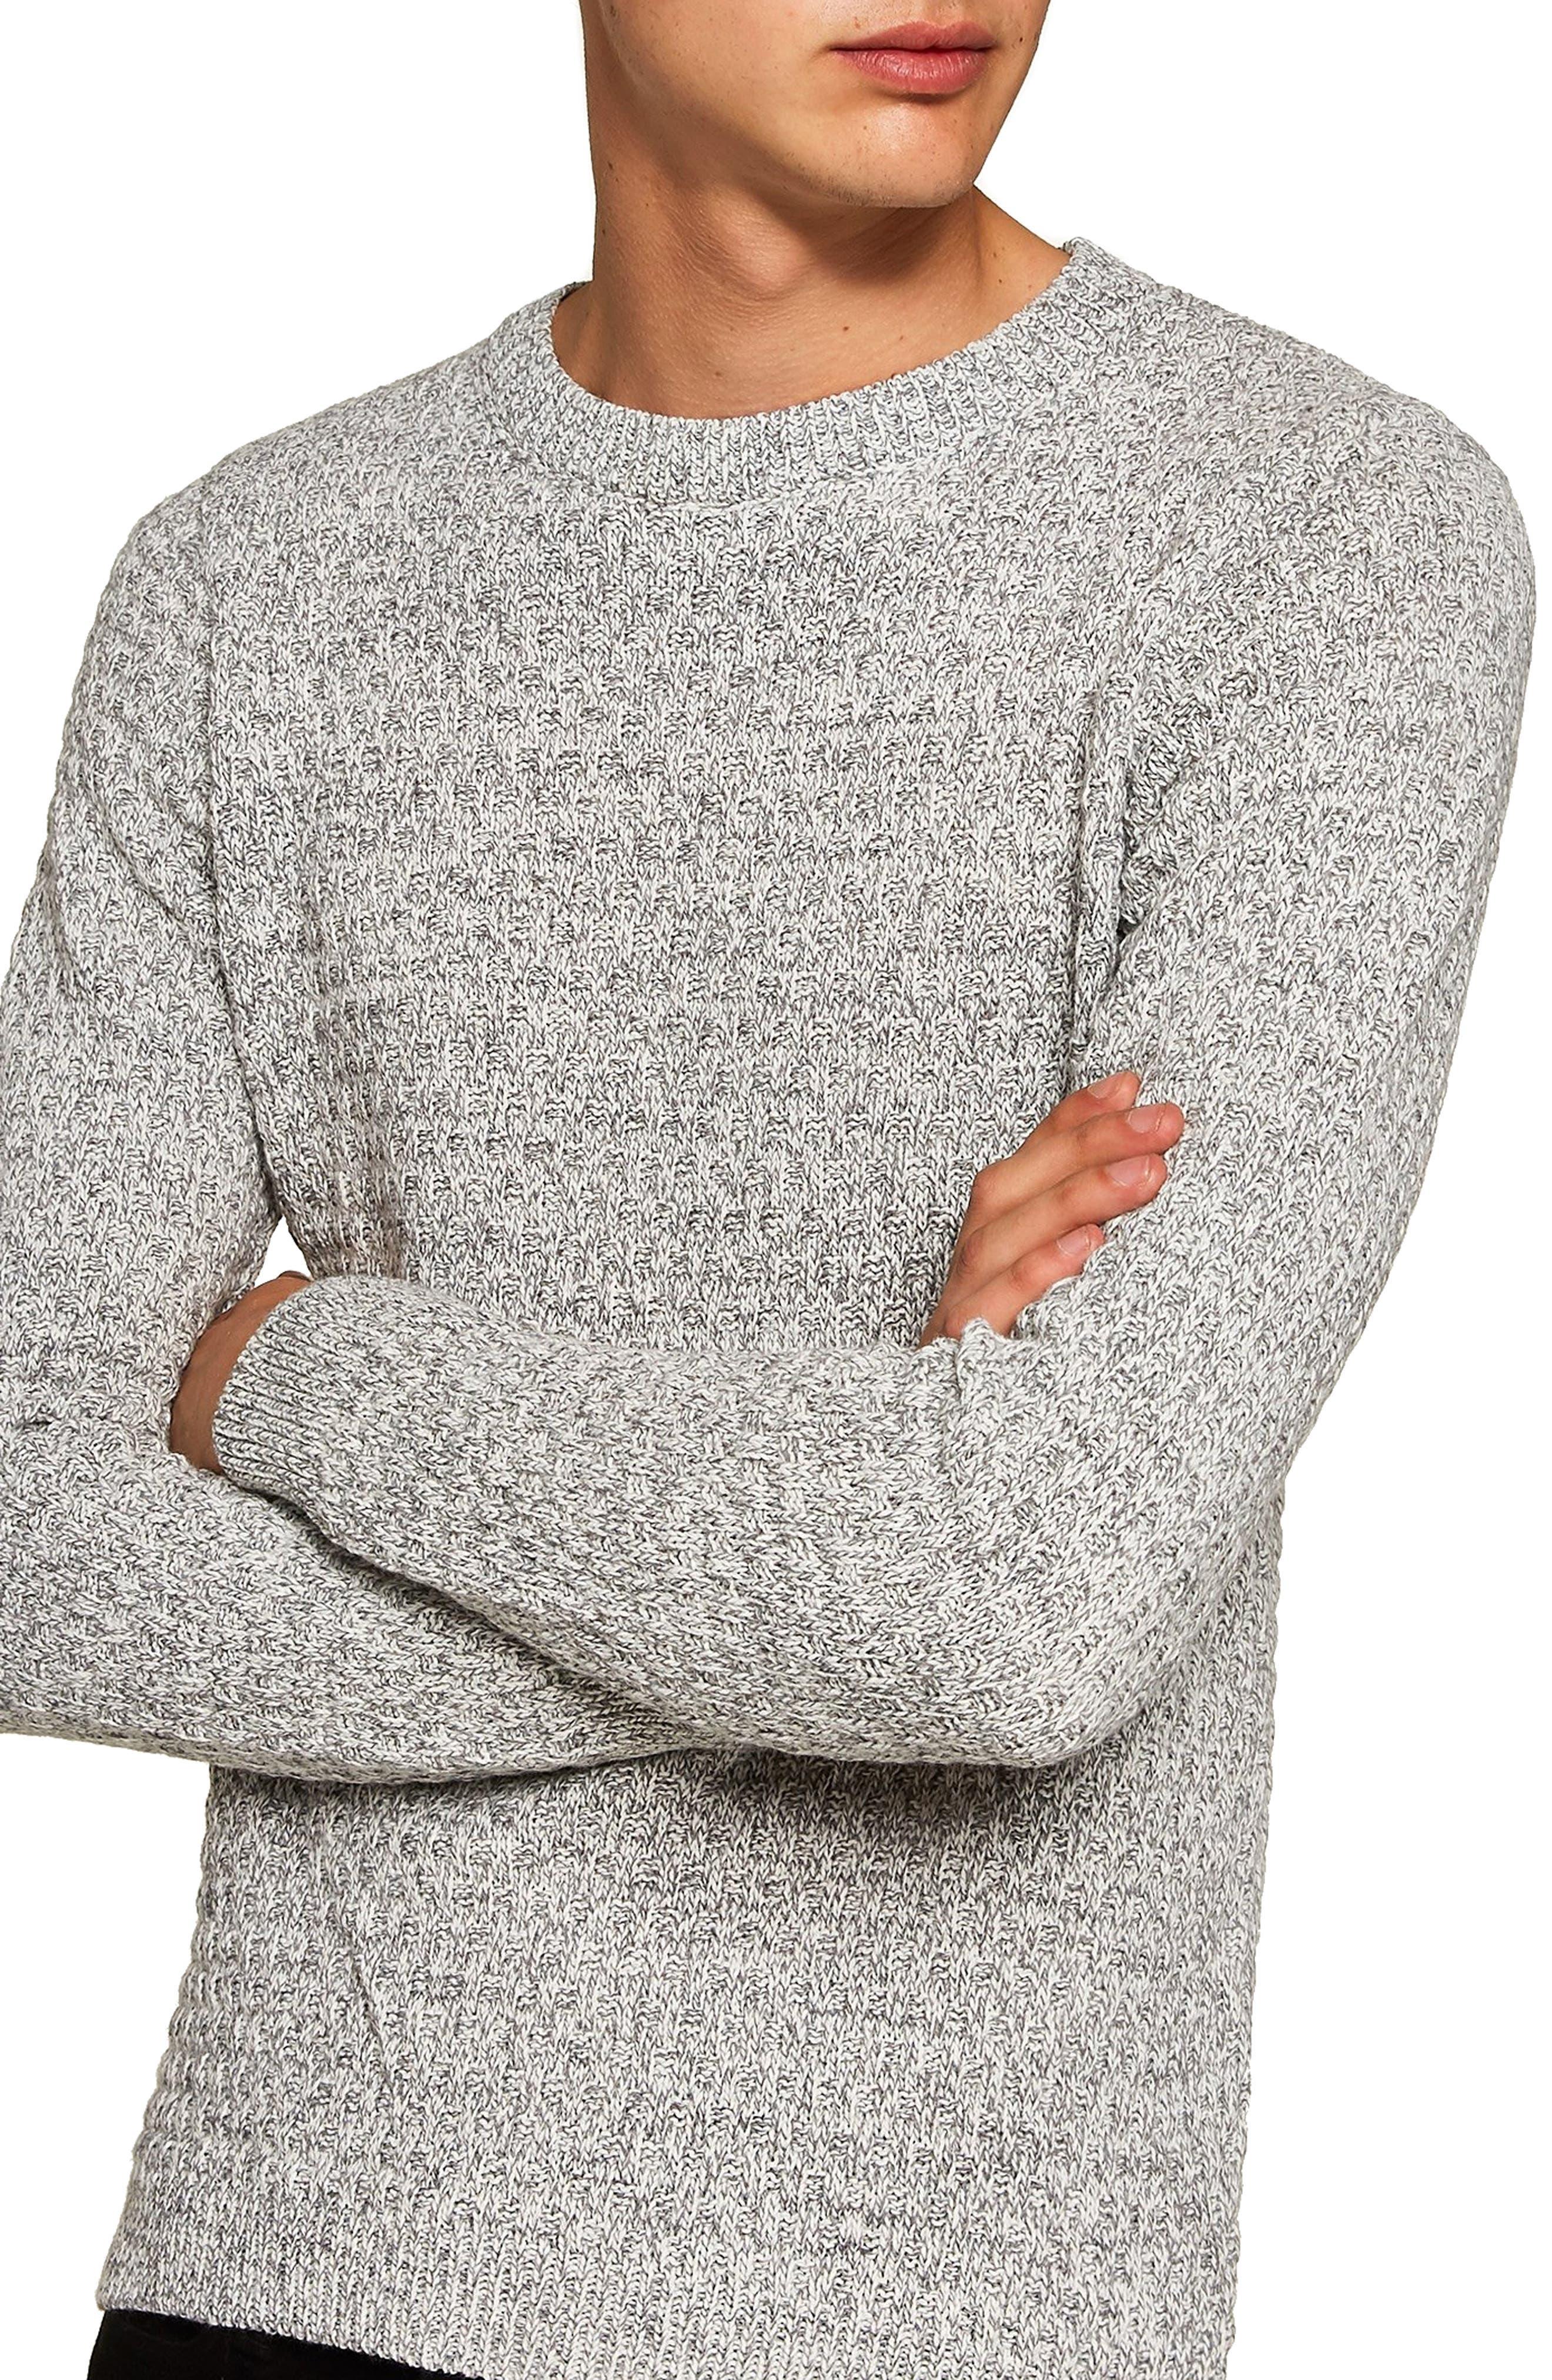 Textured Crewneck Sweater,                             Main thumbnail 1, color,                             020